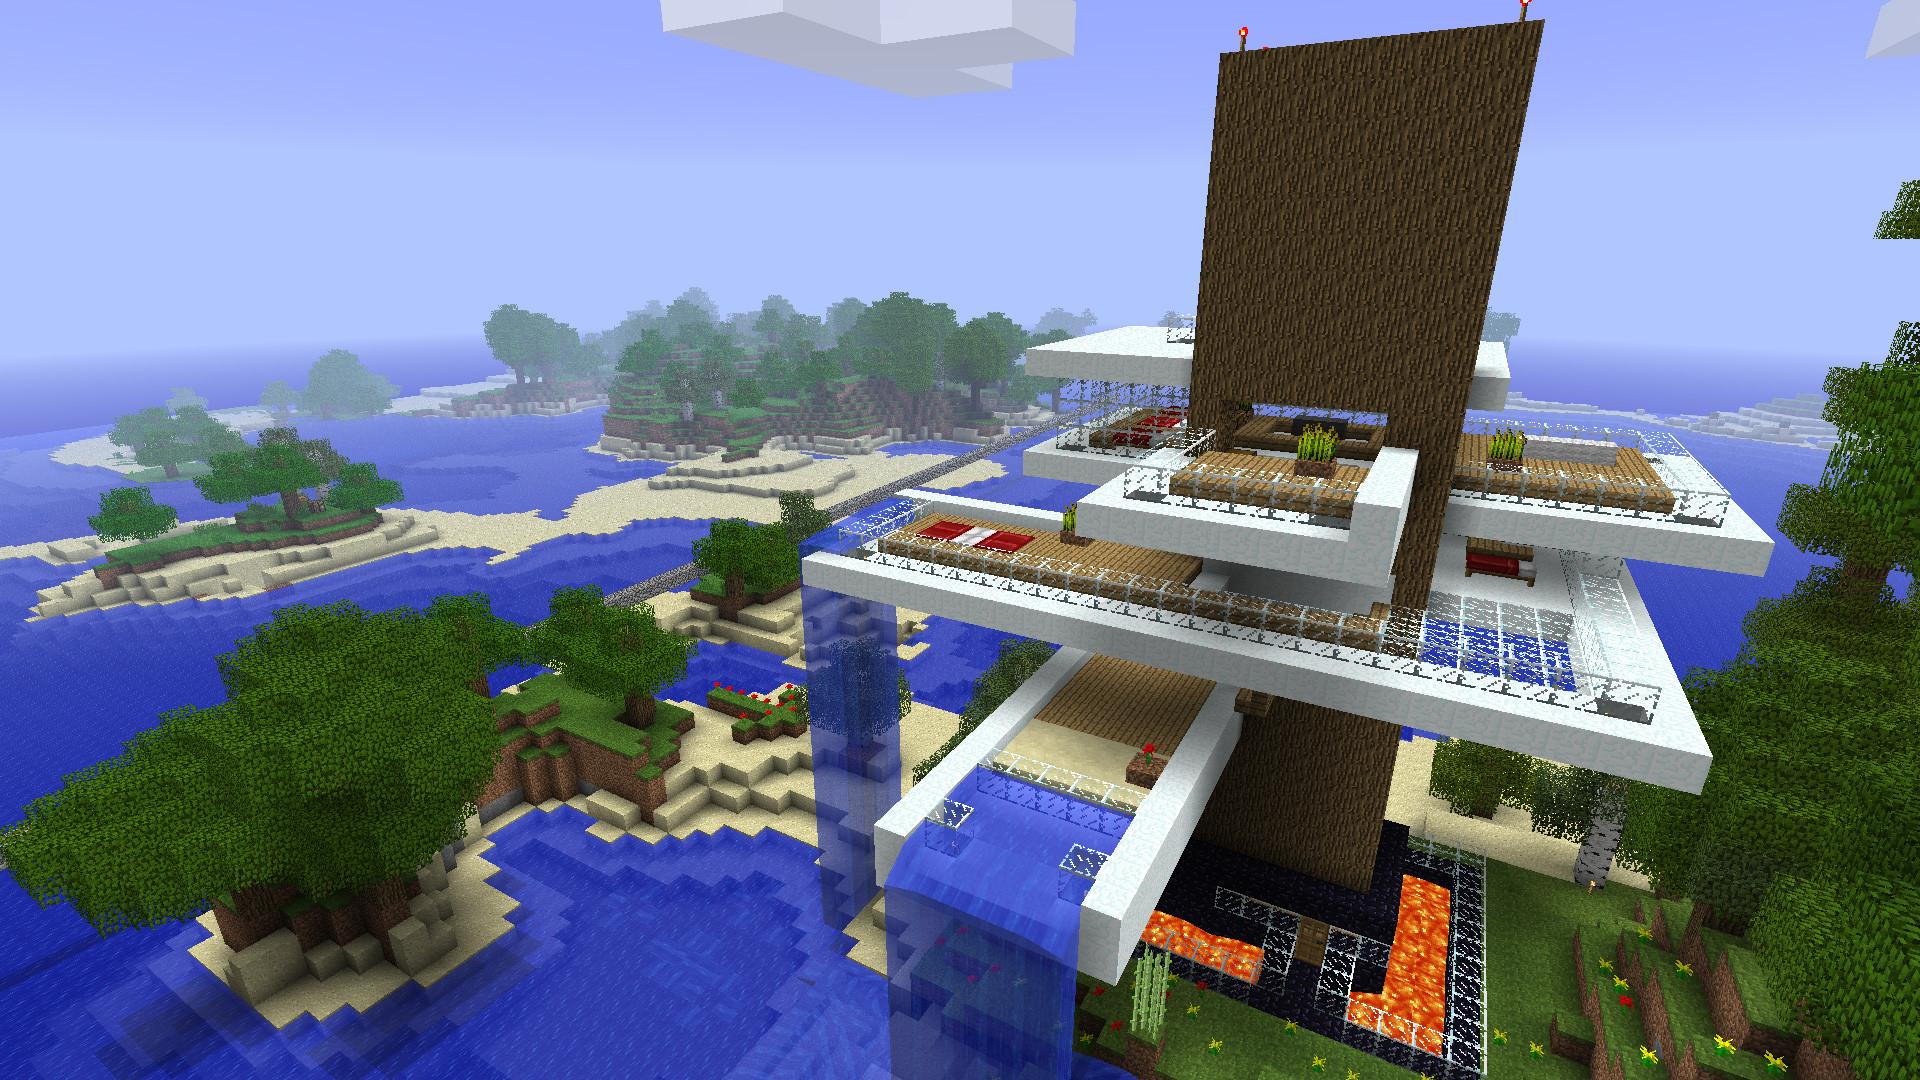 Hình nền Minecraft khu nghỉ dưỡng biển xanh